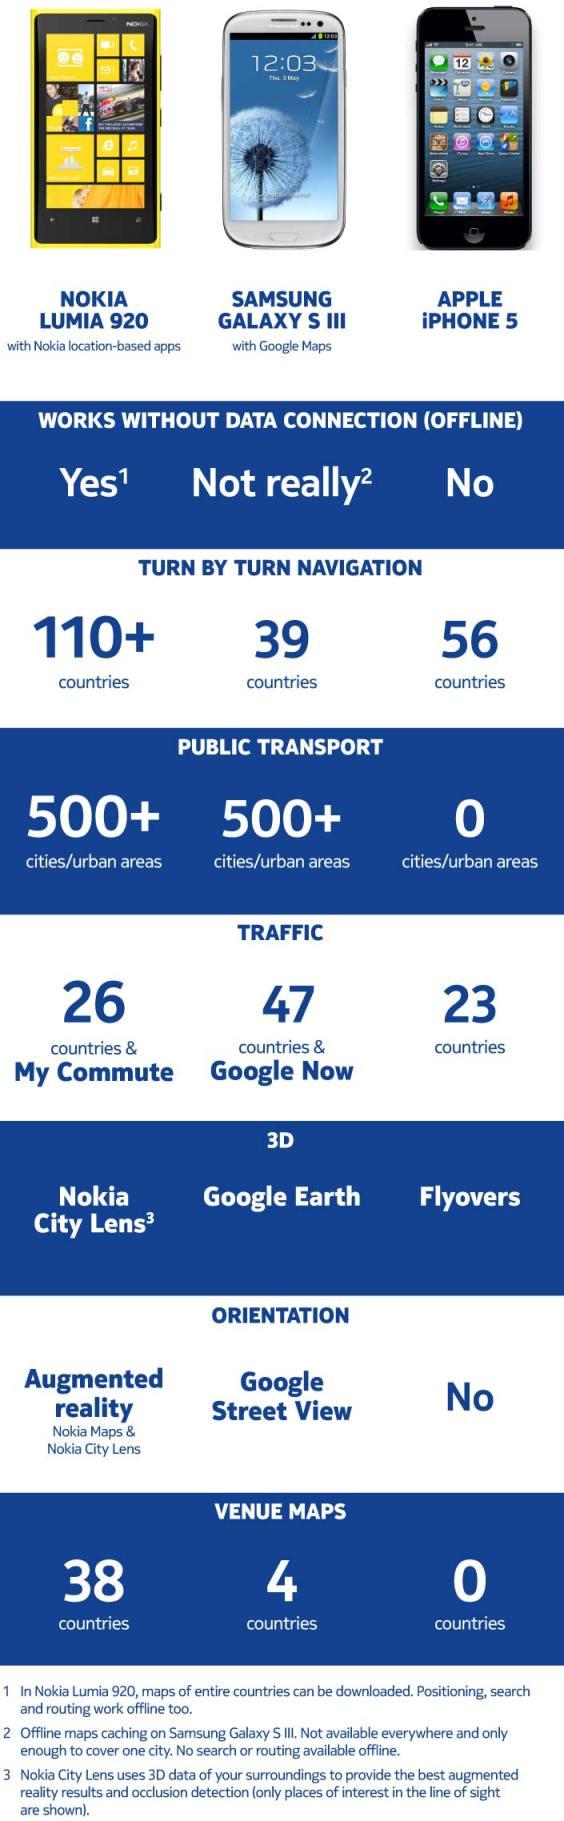 Nokia muestra las ventajas de sus Mapas frente a las opciones de Samsung y Apple - Maps-apps-benchmark